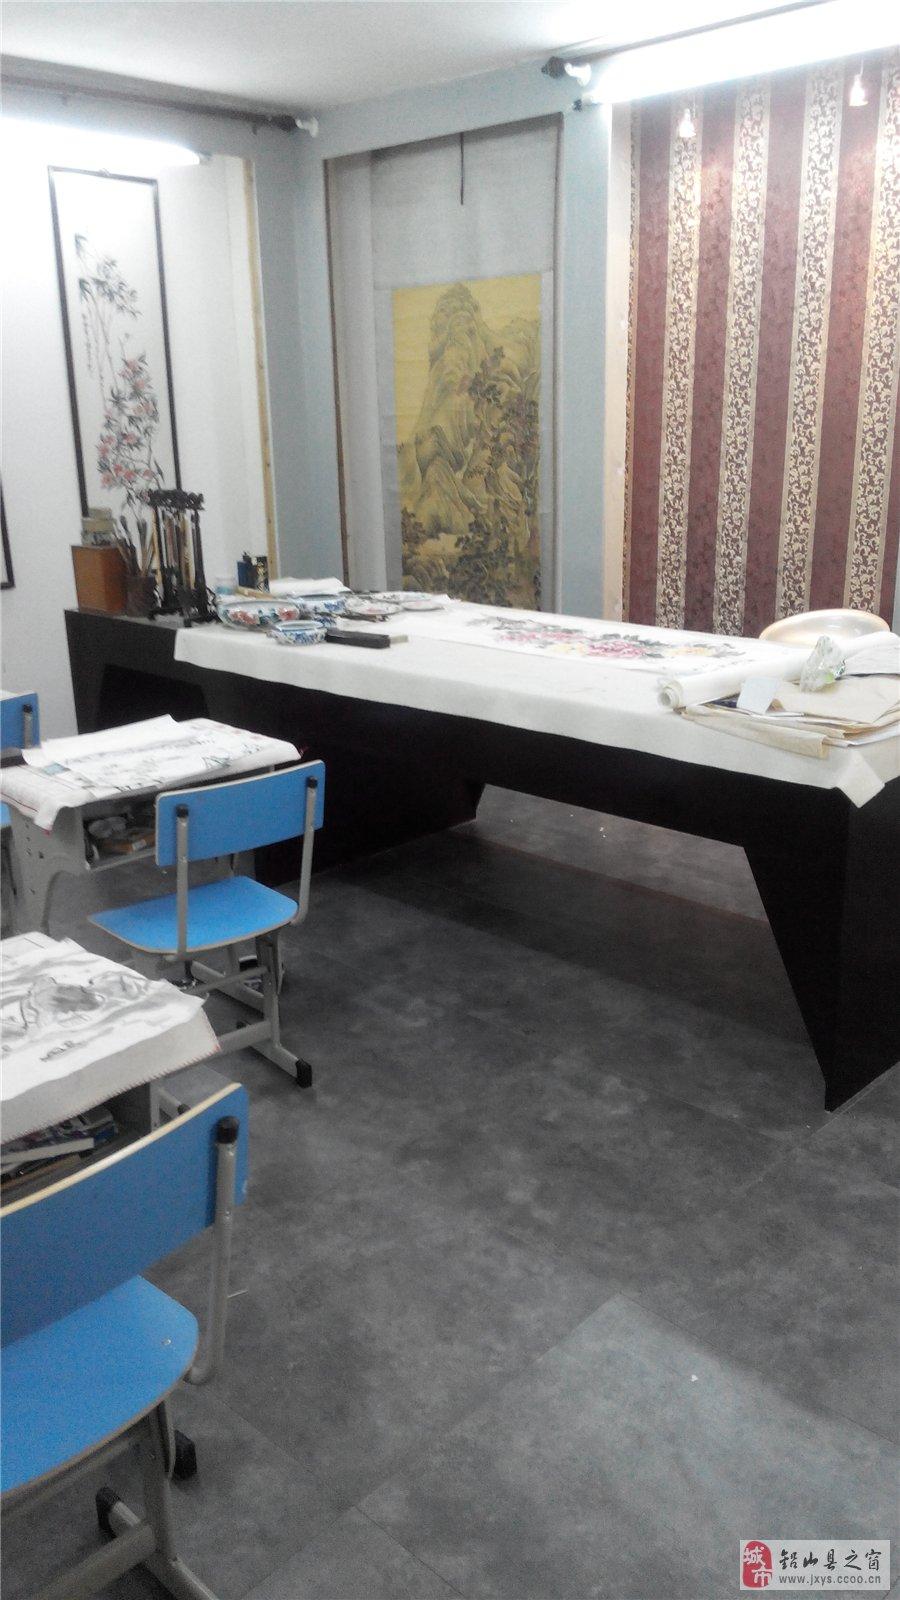 牡丹女画家在铅山创办书真画室